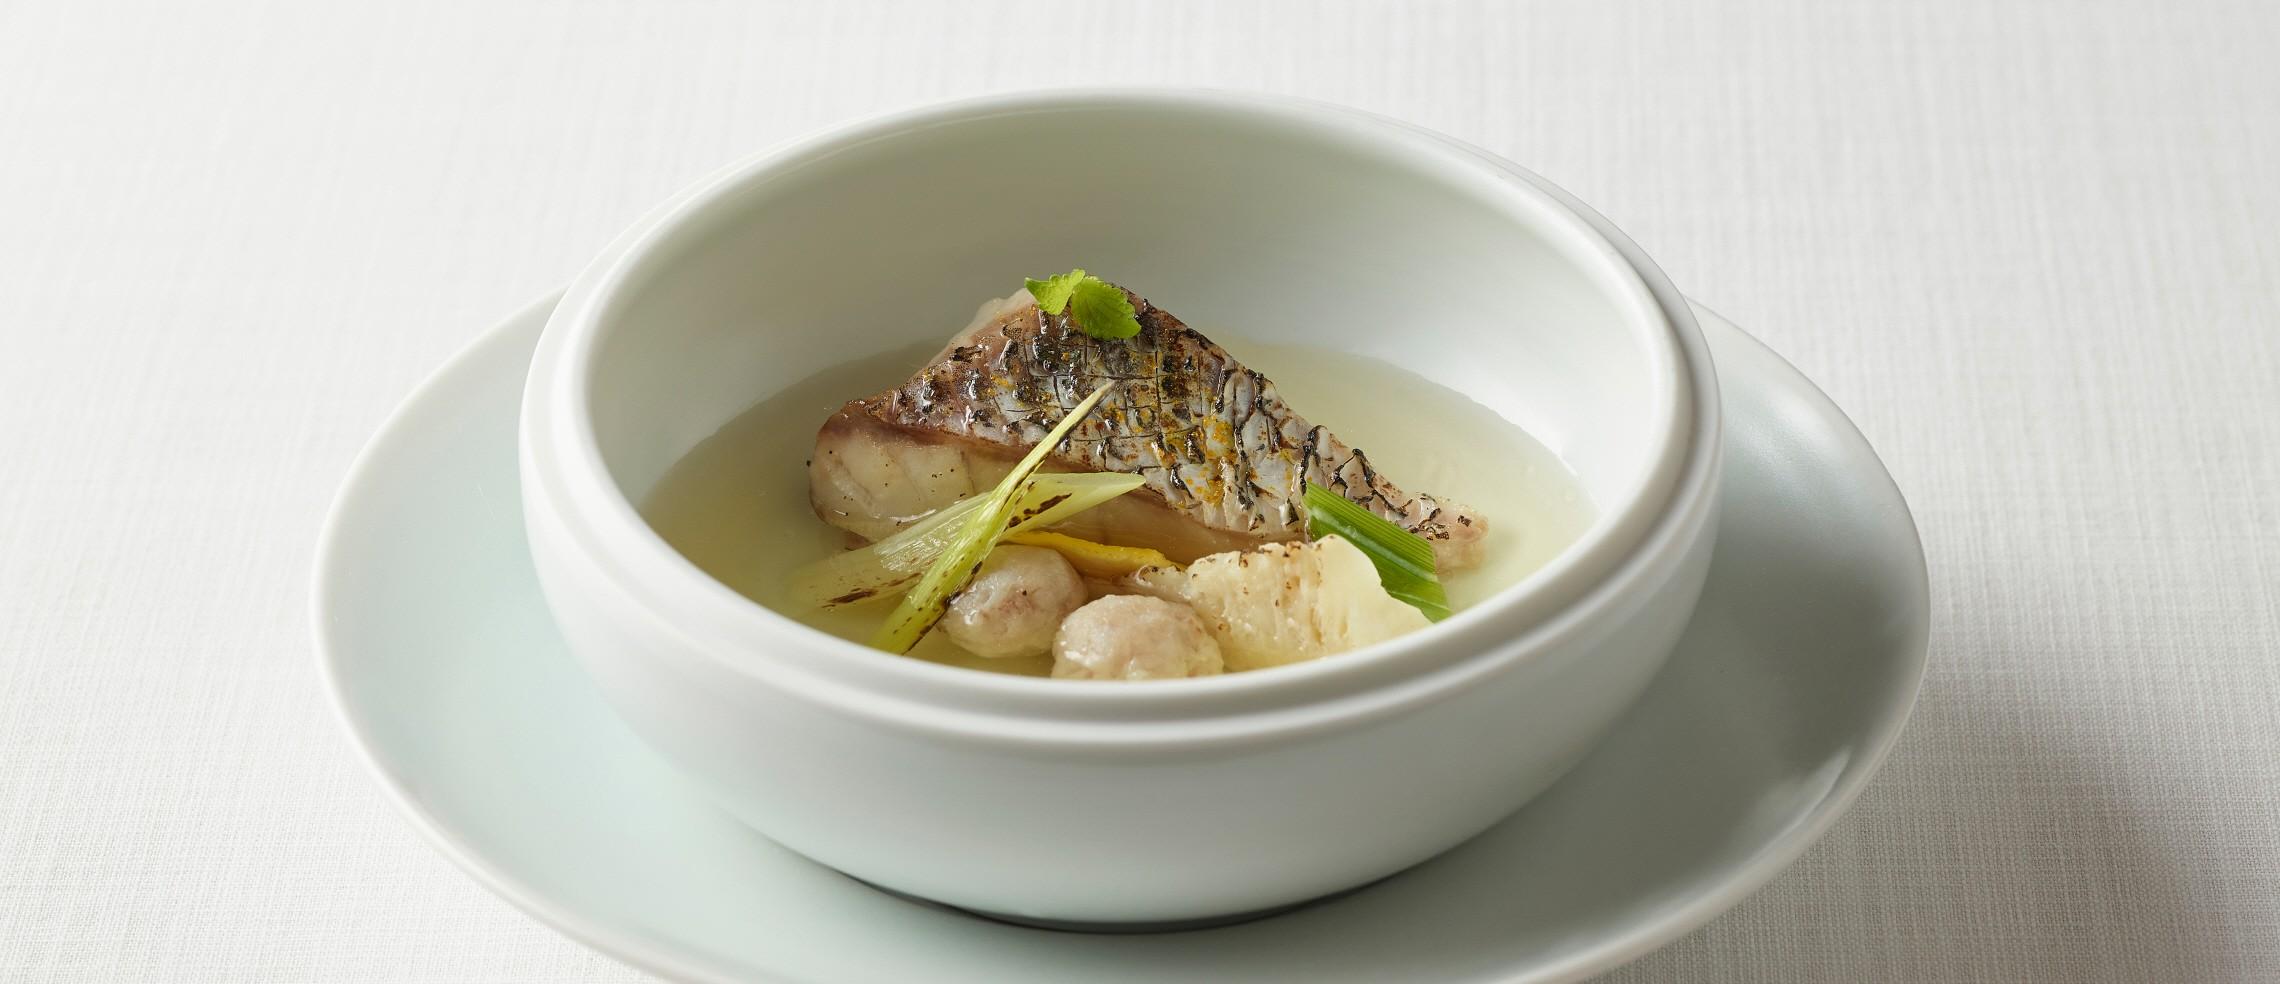 라연의 민어어란탕,민어의 영양과 맛을 품위있게 담았다 ⓒ LA YEON